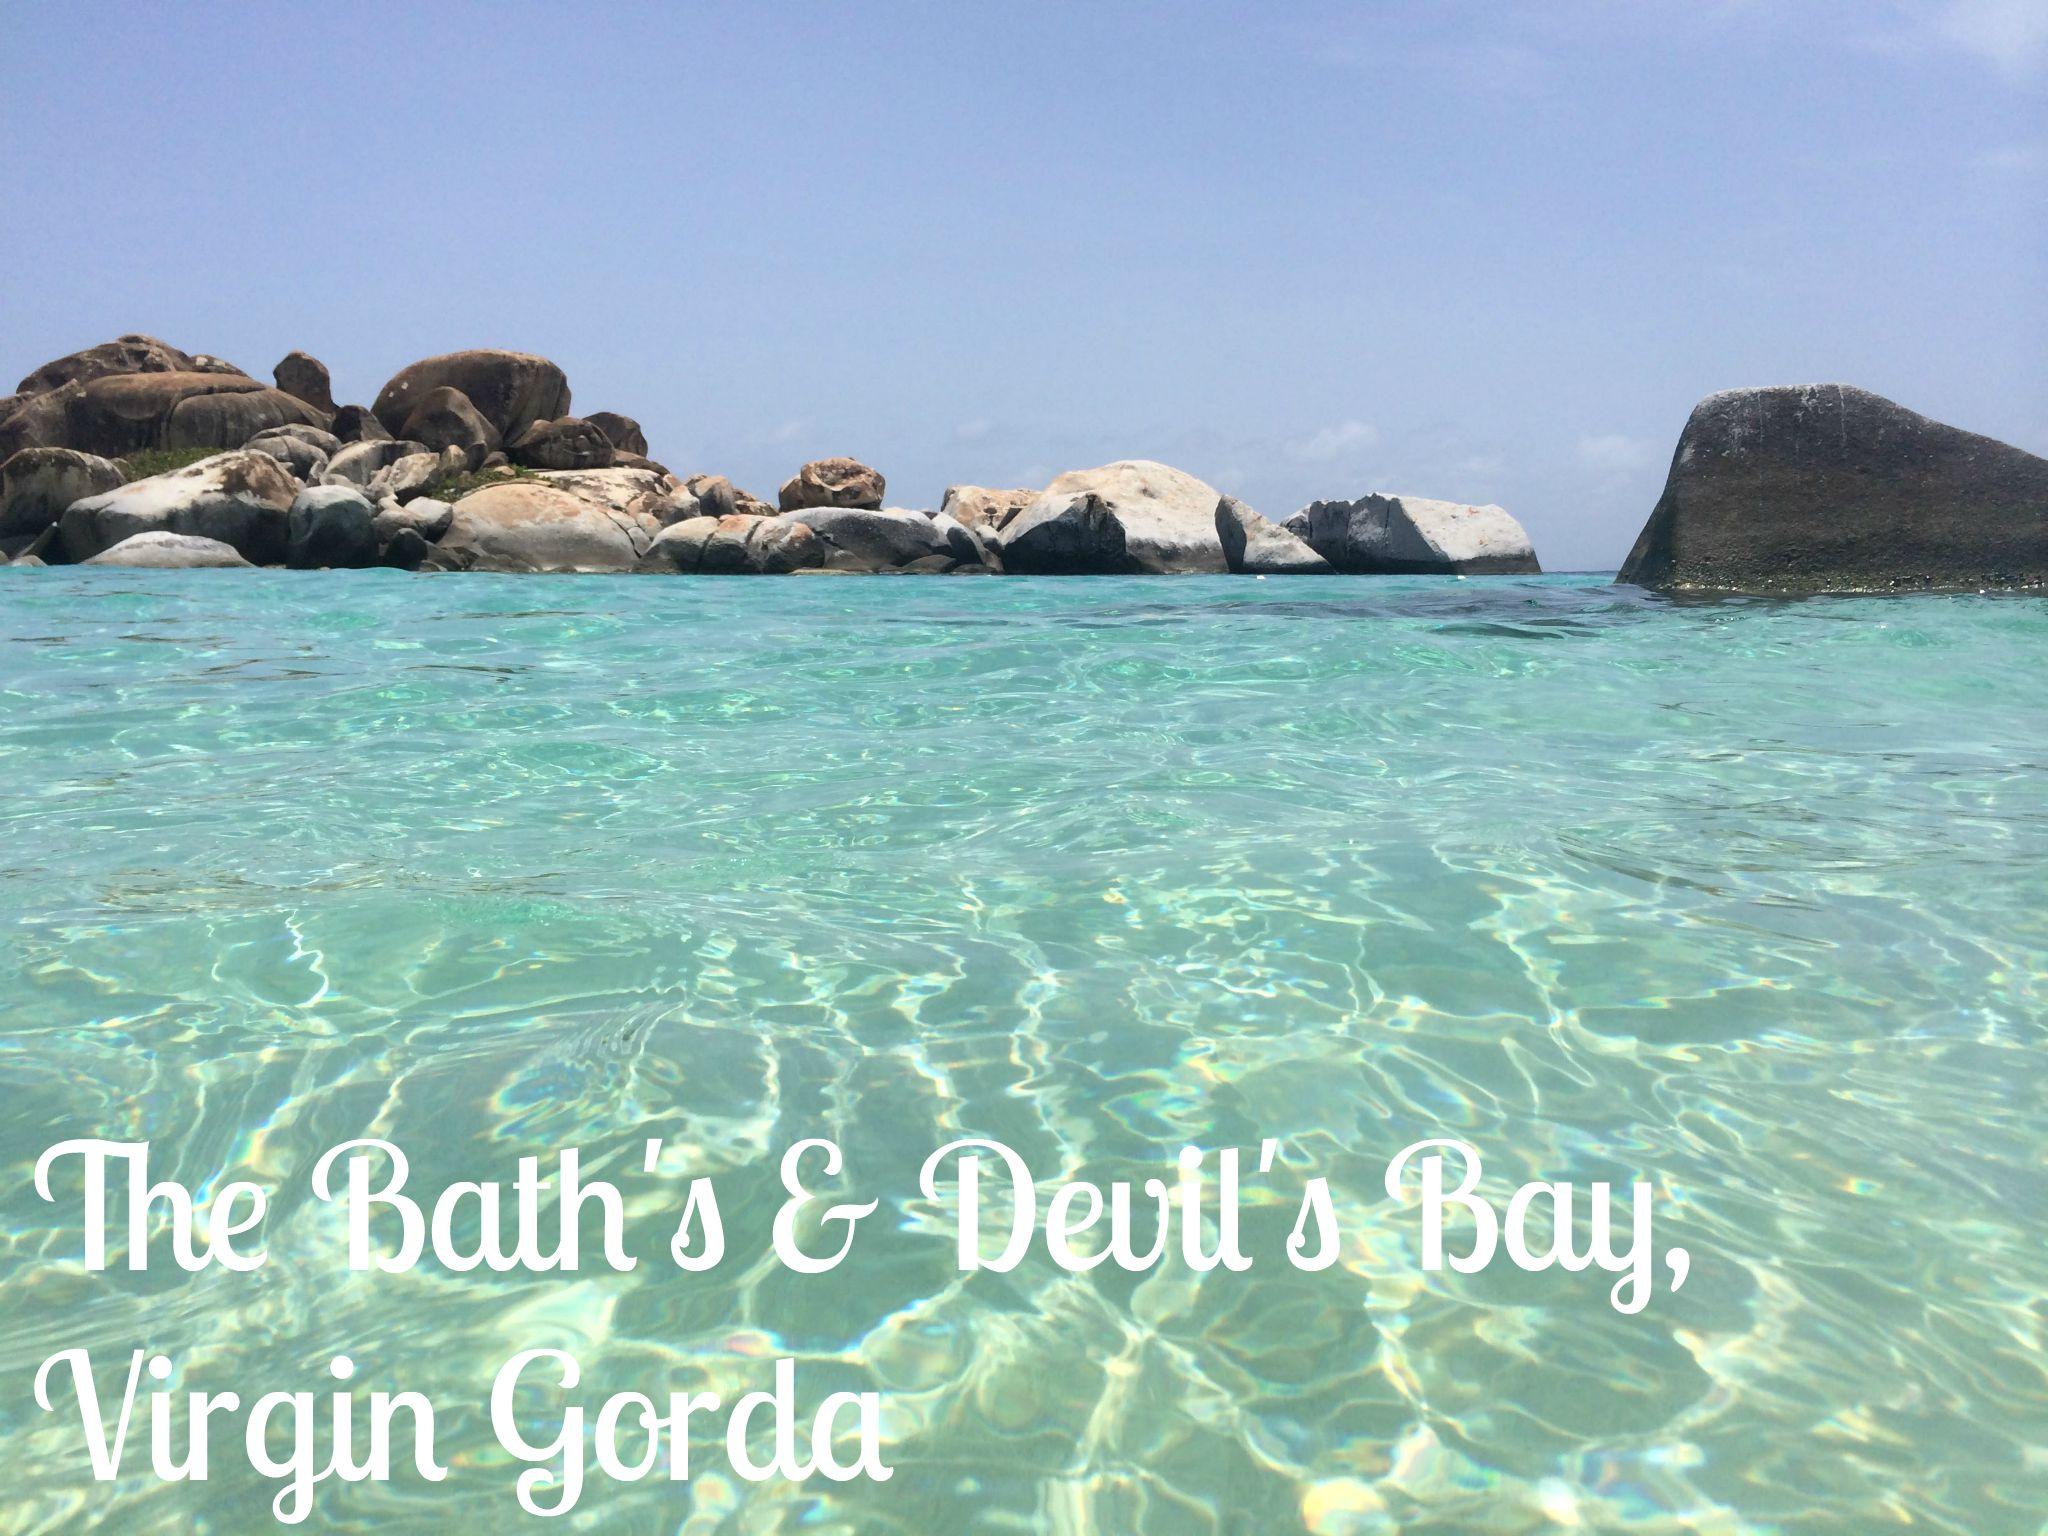 The Bath's and Devil's Bay, Virgin Gorda